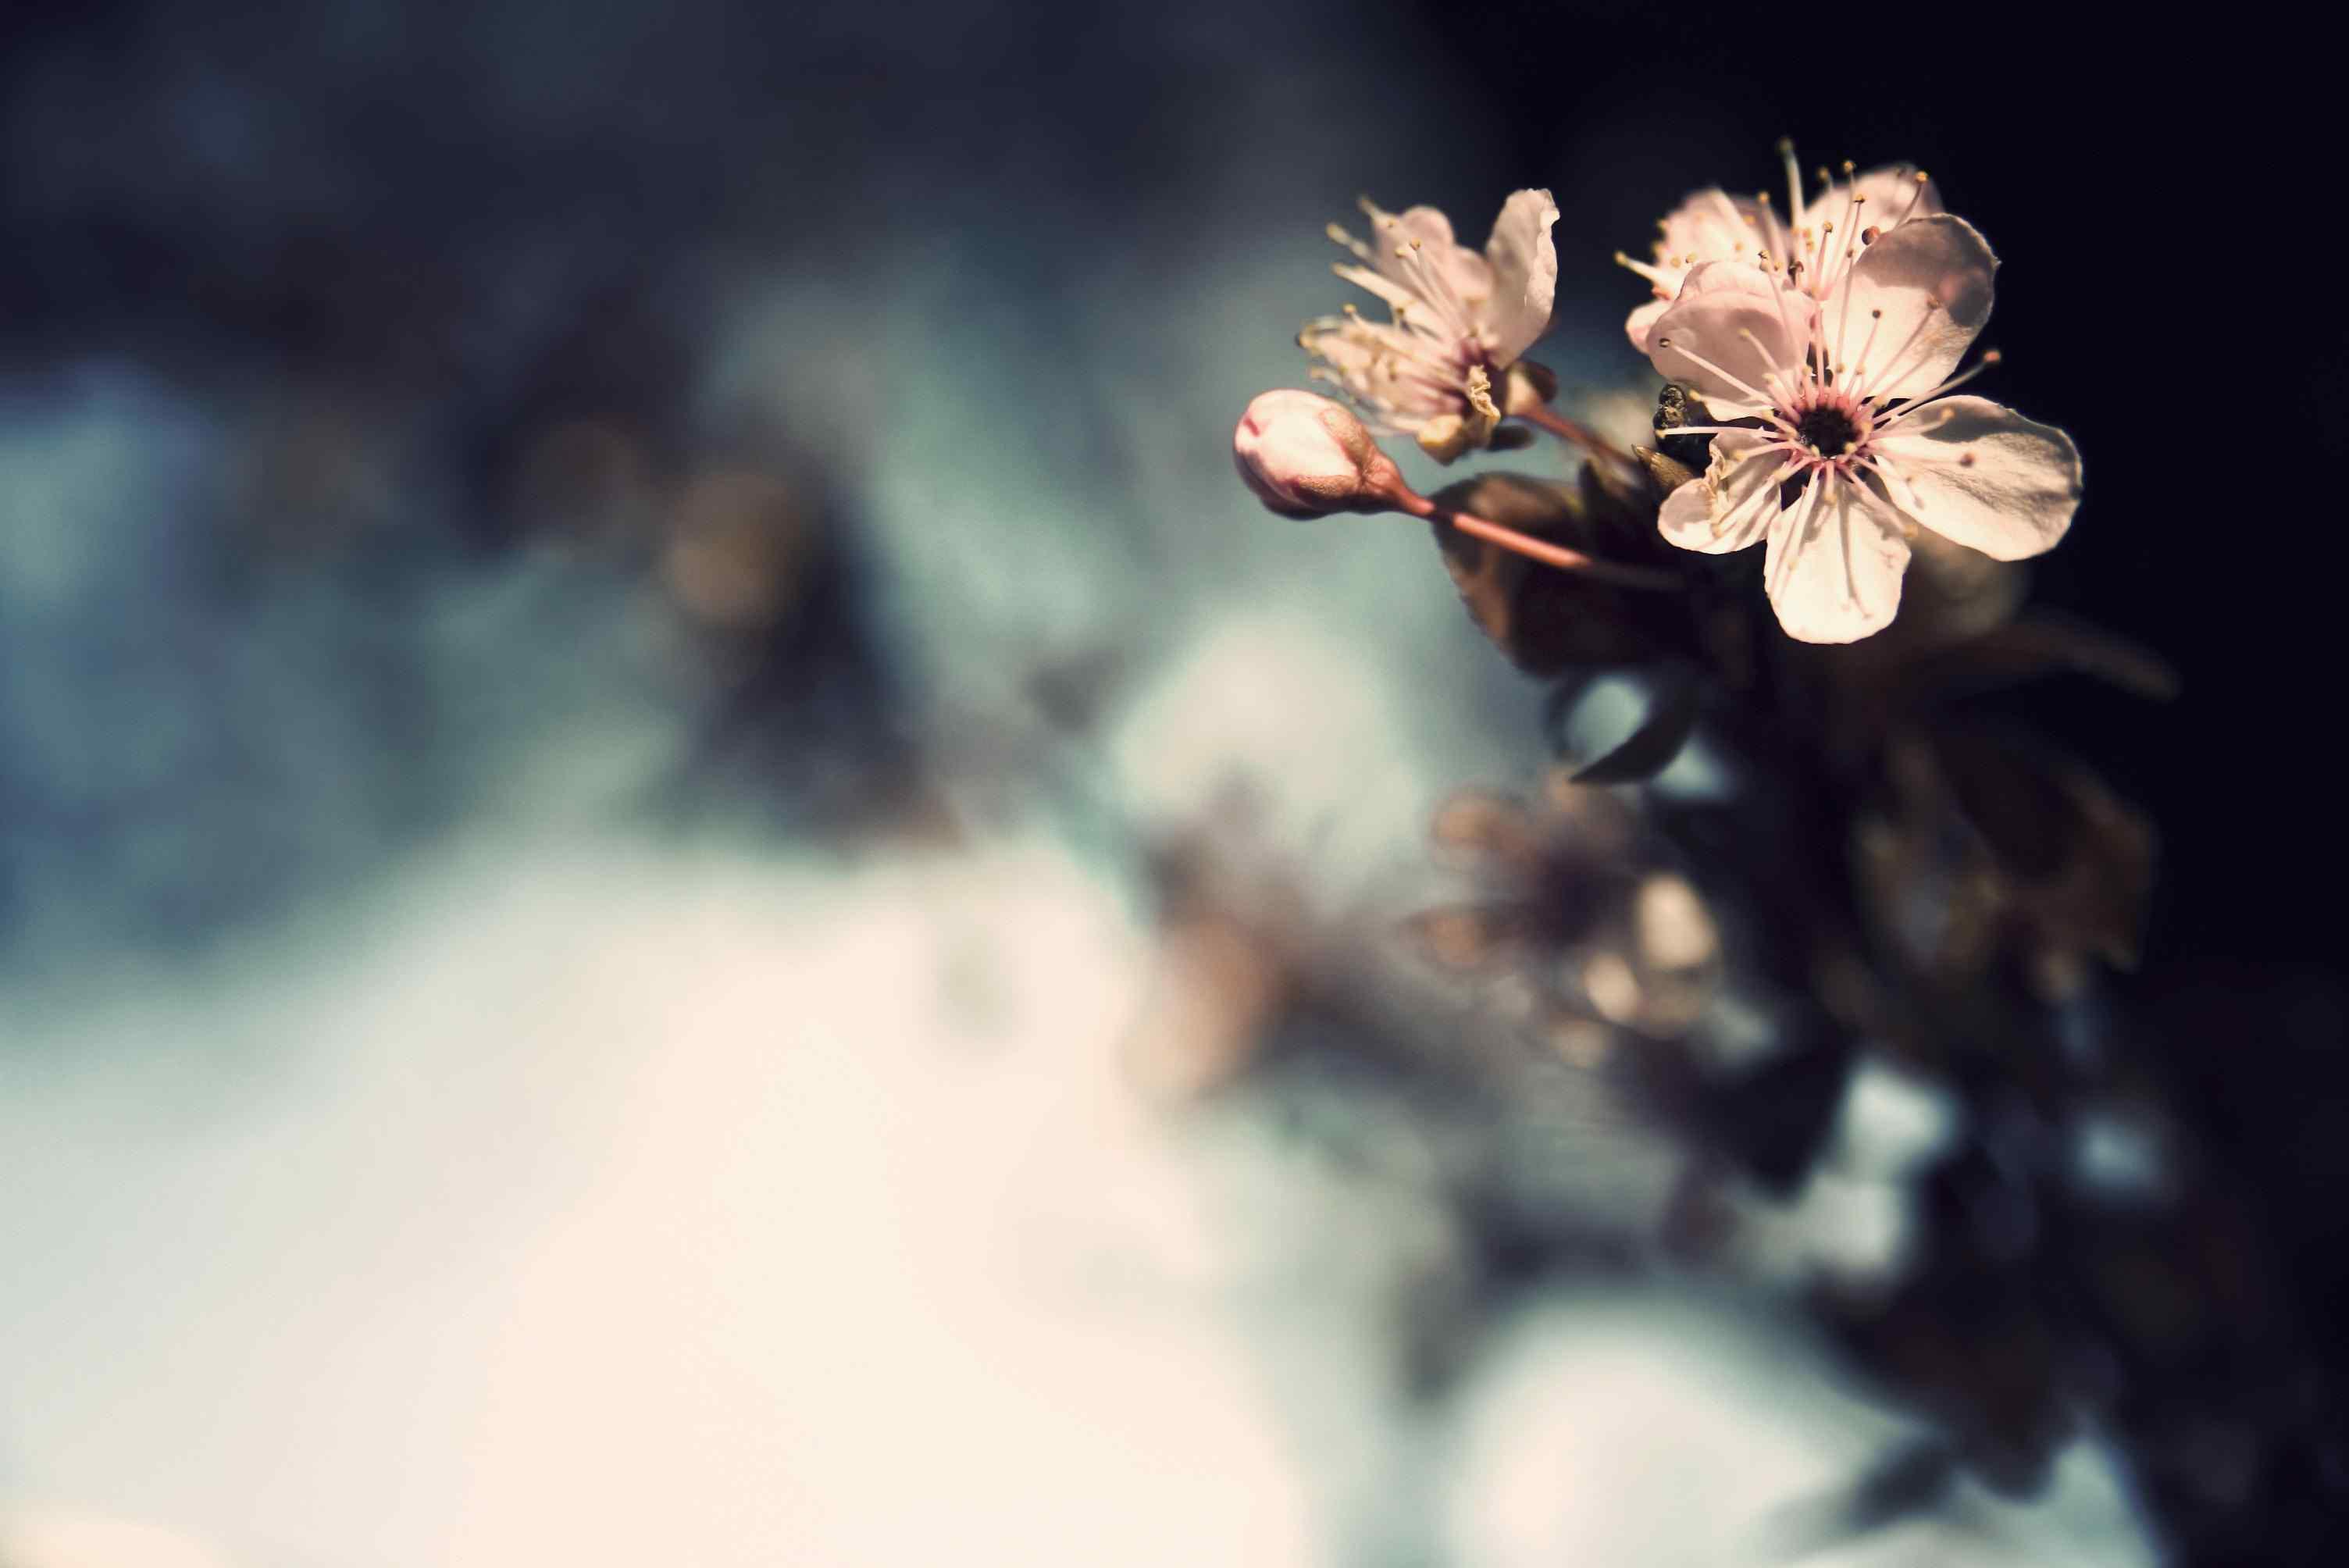 美麗的梅花盛開高清桌面壁紙 高清梅花攝影圖片